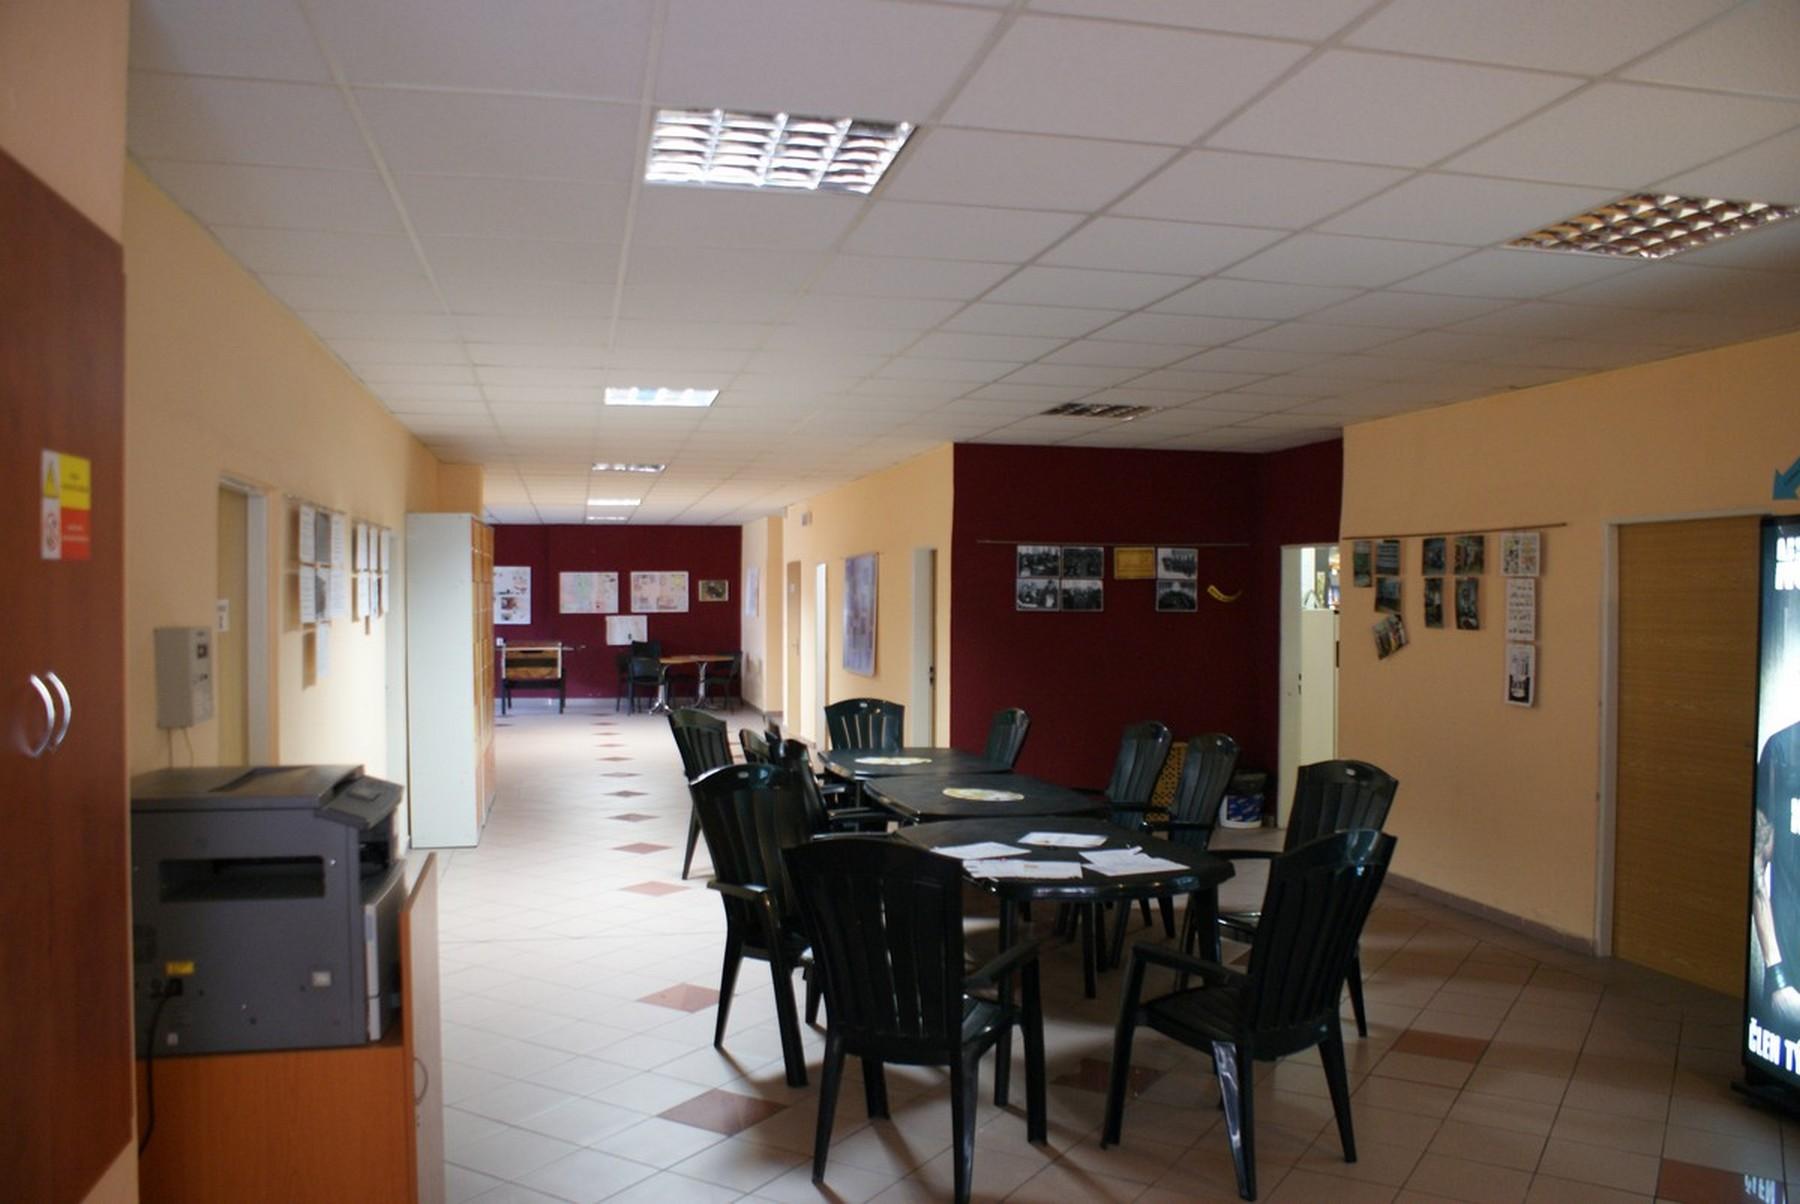 Centrum managementu vzdělávání a výchovy v Moravskoslezském kraji